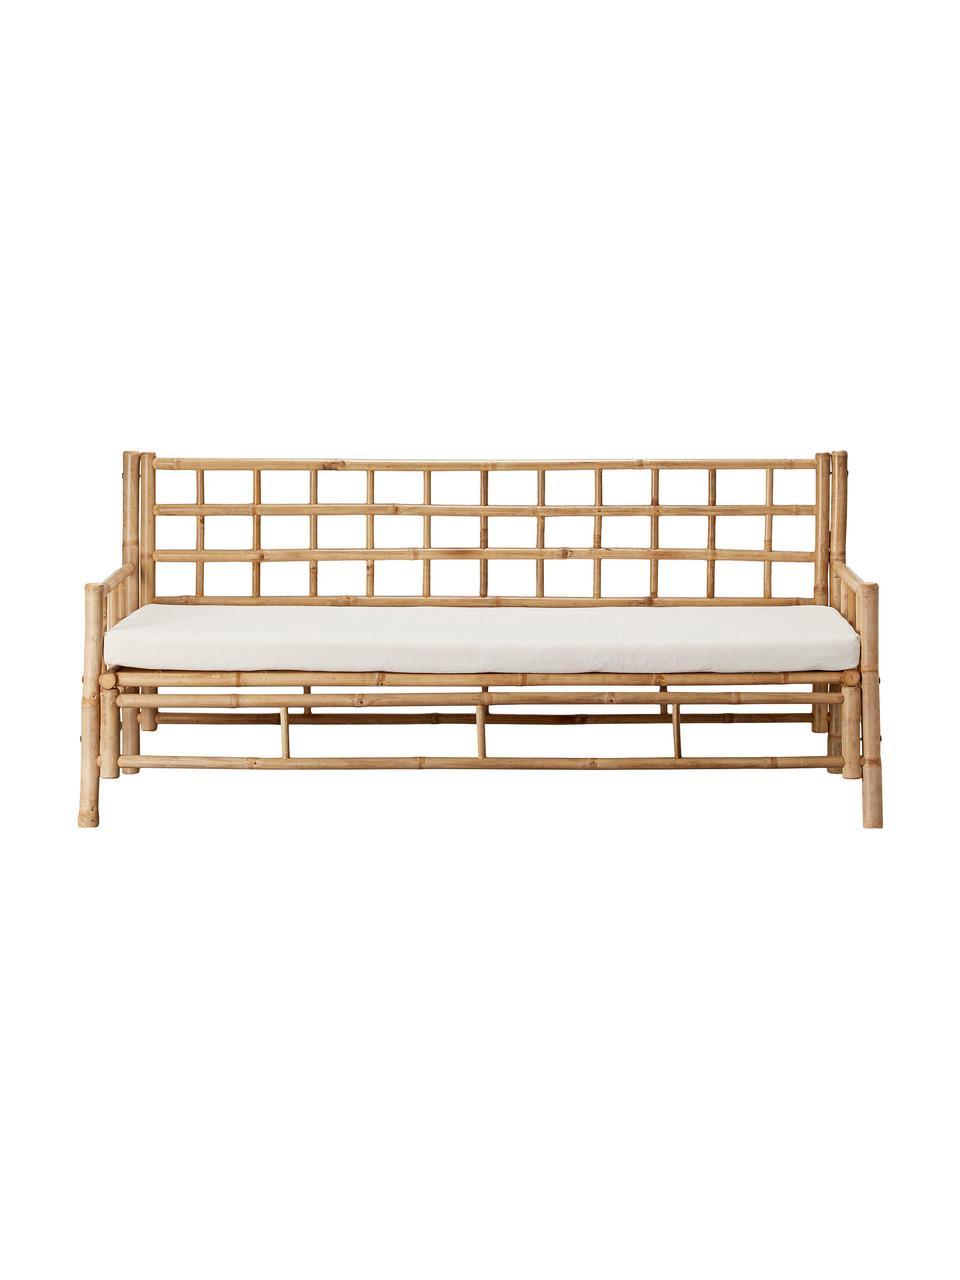 Divano da giardino in bambù con cuscino Mandisa (3 posti), Struttura: legno di bambù, non tratt, Rivestimento: tela, Legno di bambù, bianco, Larg. 180 x Prof. 70 cm